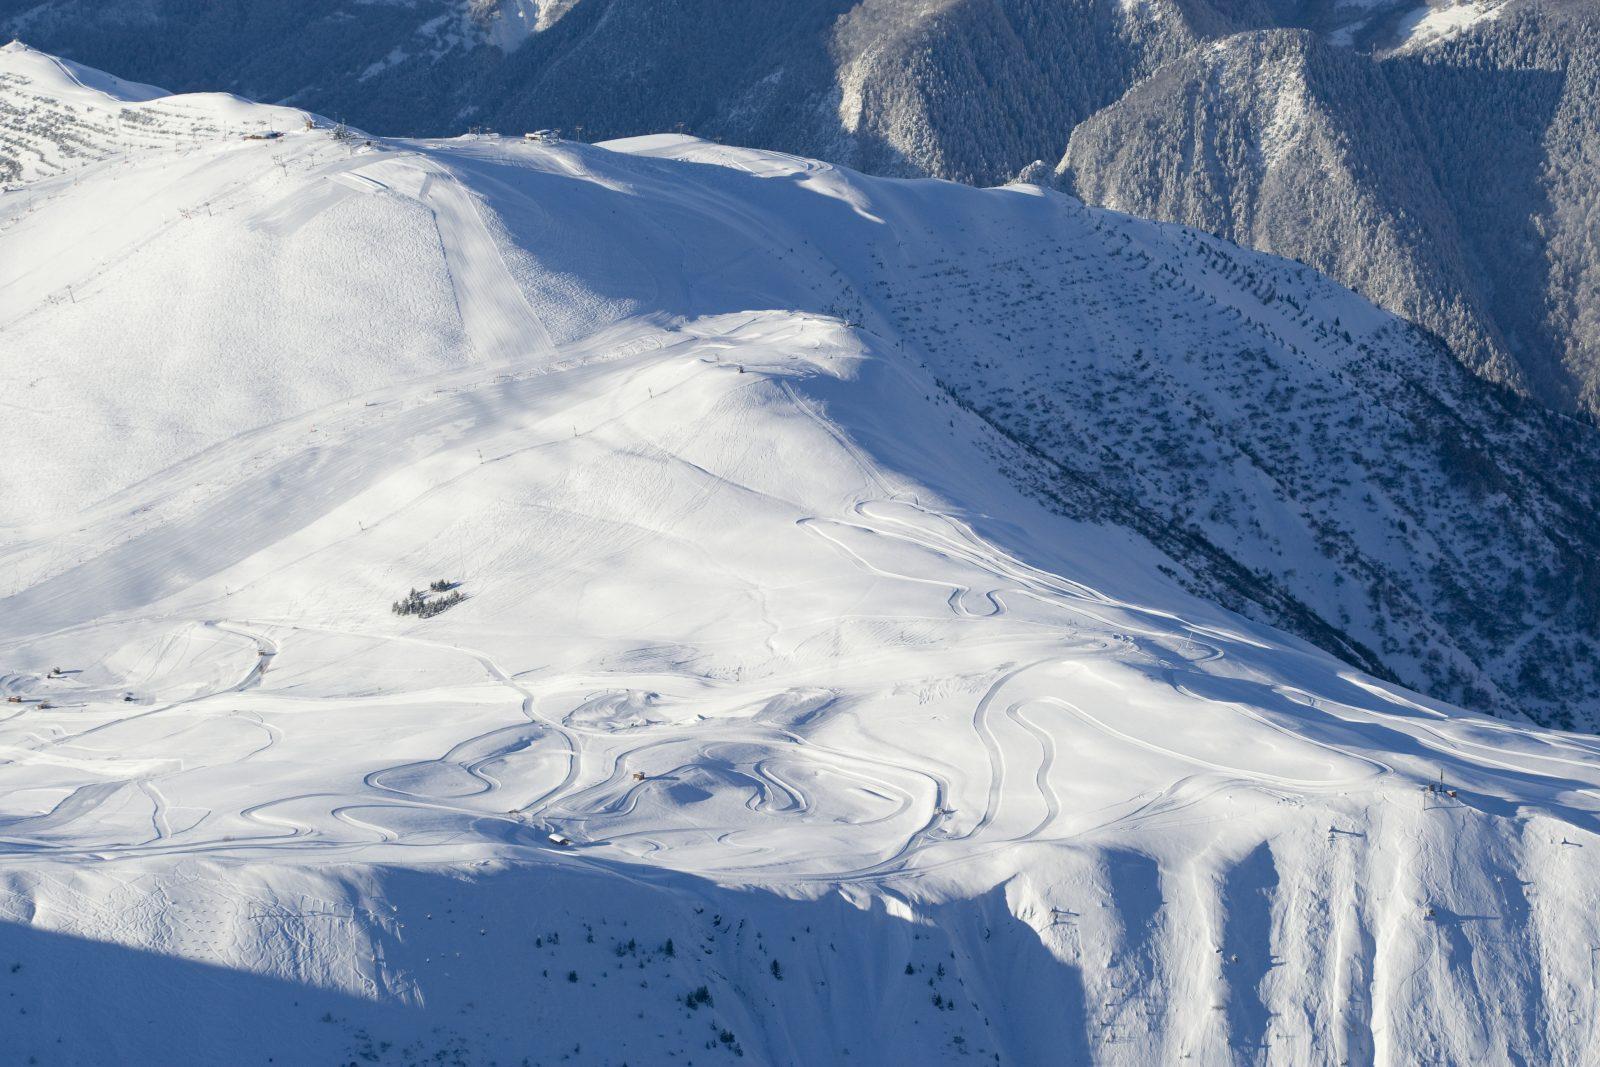 Domaine nordique de l'Alpe d'Huez (1)